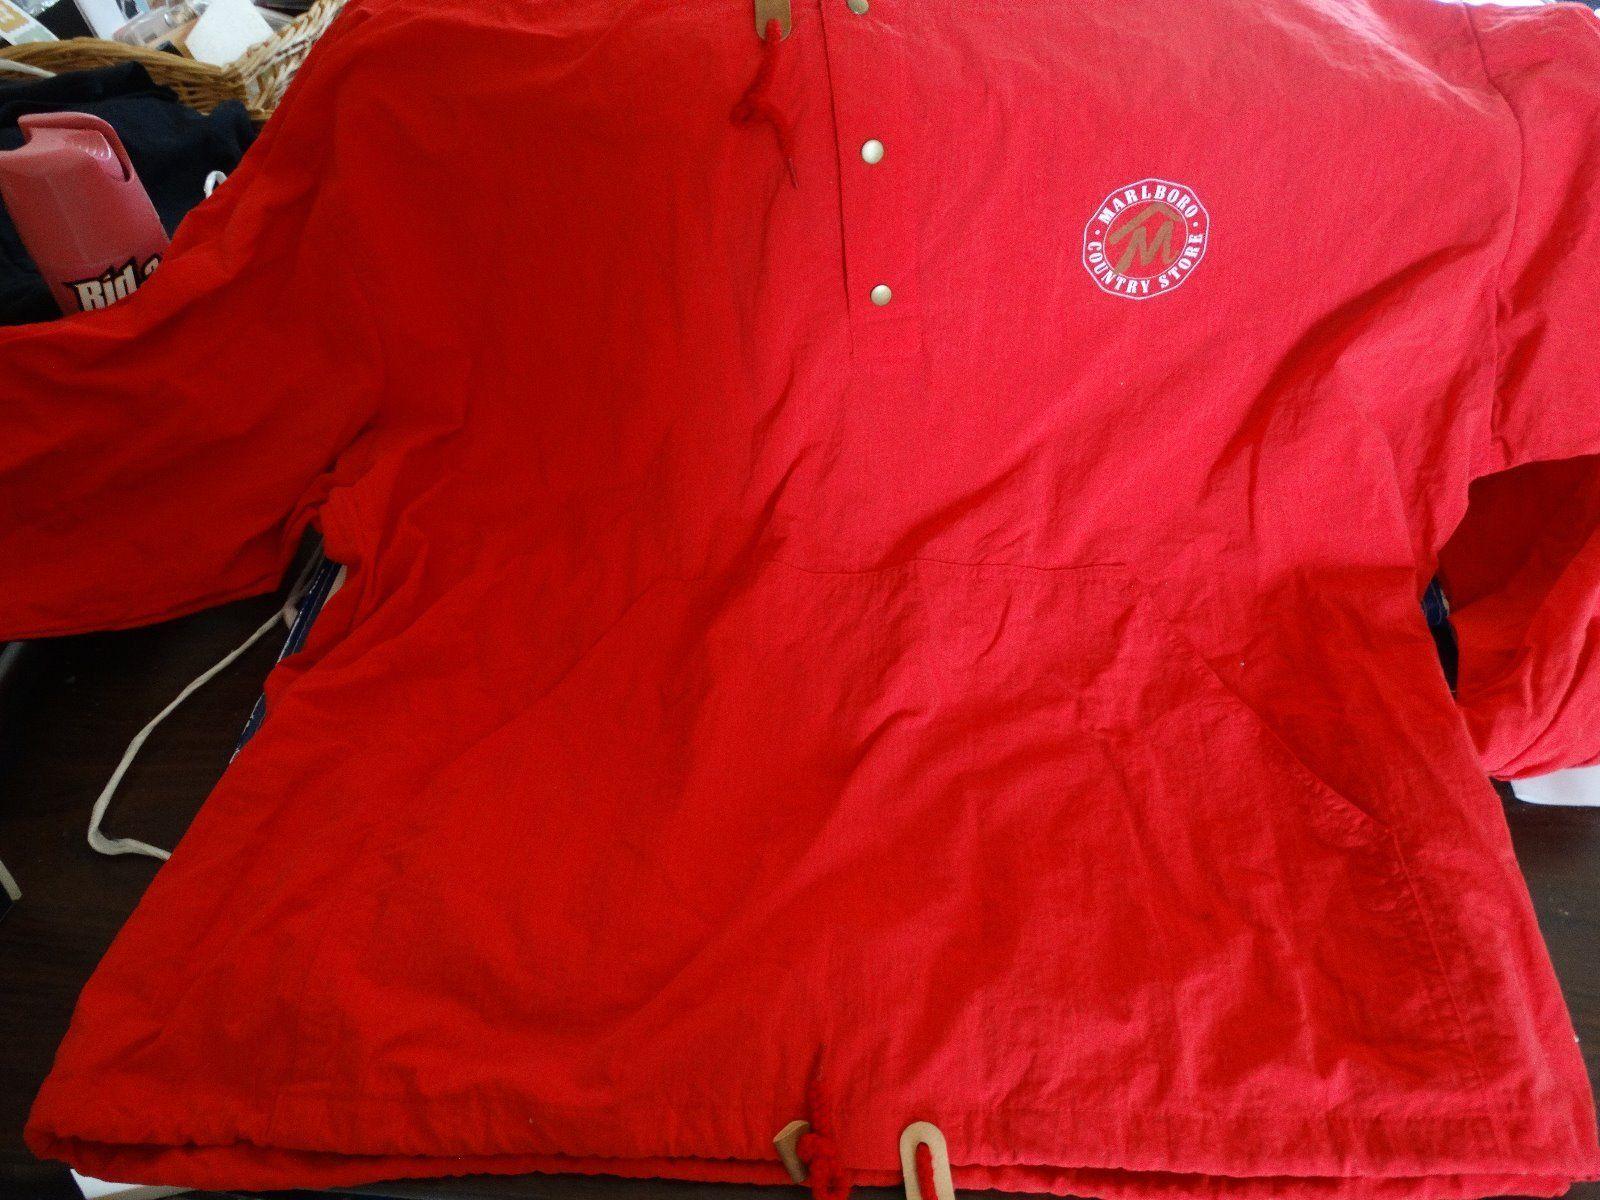 Marlboro cigarettes buyers gift hooded jacket vintage games and marlboro cigarettes buyers gift hooded jacket negle Images